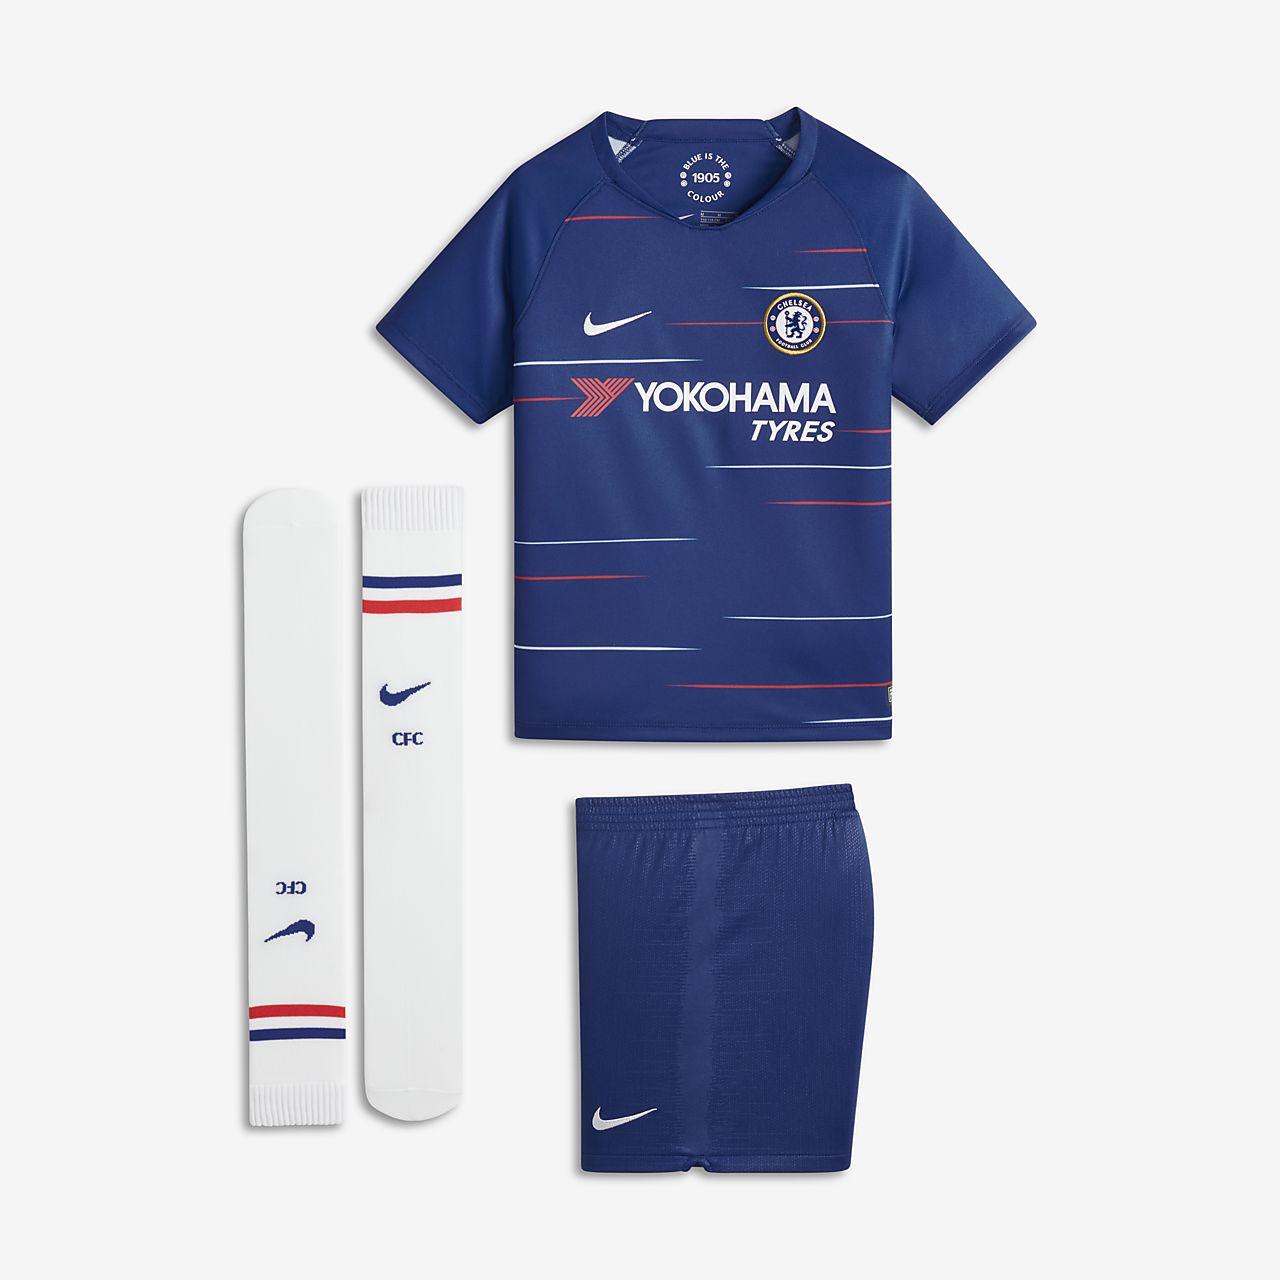 caa7bc1253ee9 ... Uniforme de fútbol para niños talla pequeña 2018 19 Chelsea FC Stadium  Home